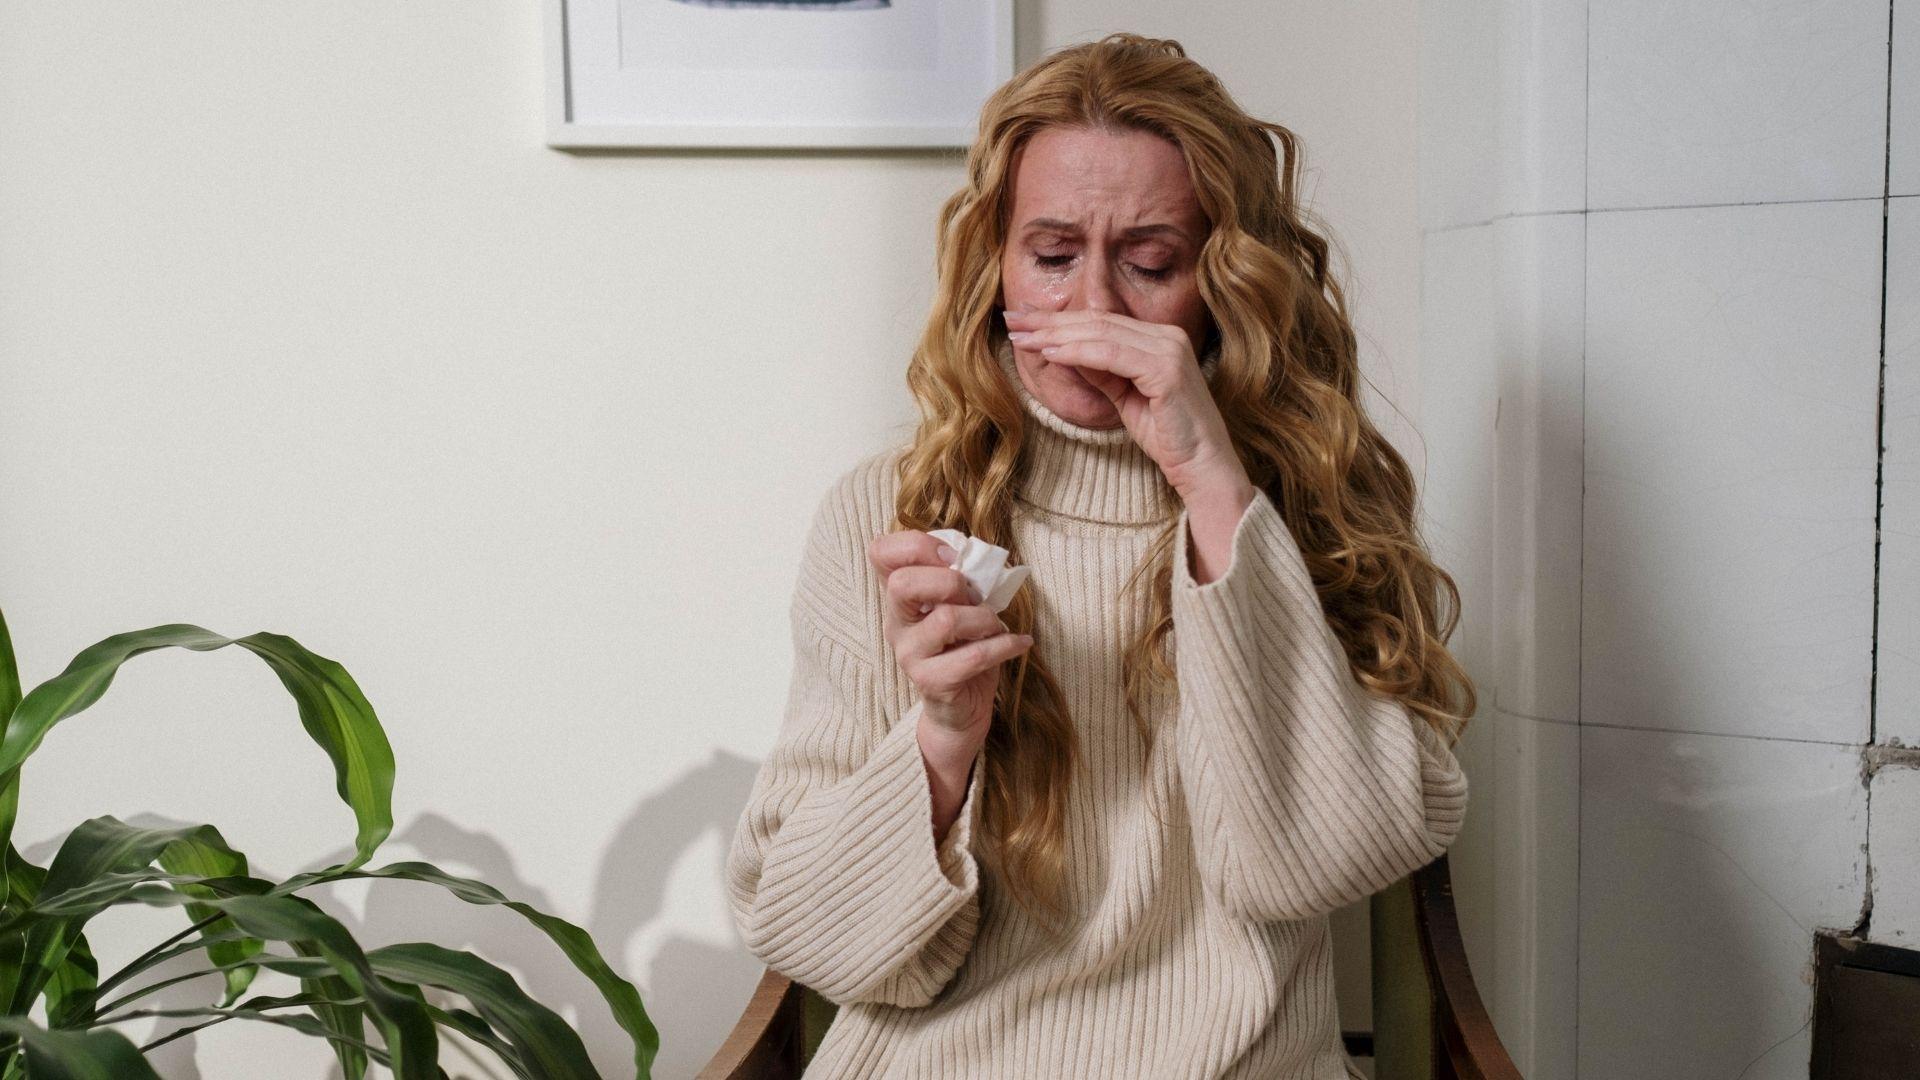 Jak zvládnout alergie, co je jejich příčina a které vitamíny mohou být nápomocné